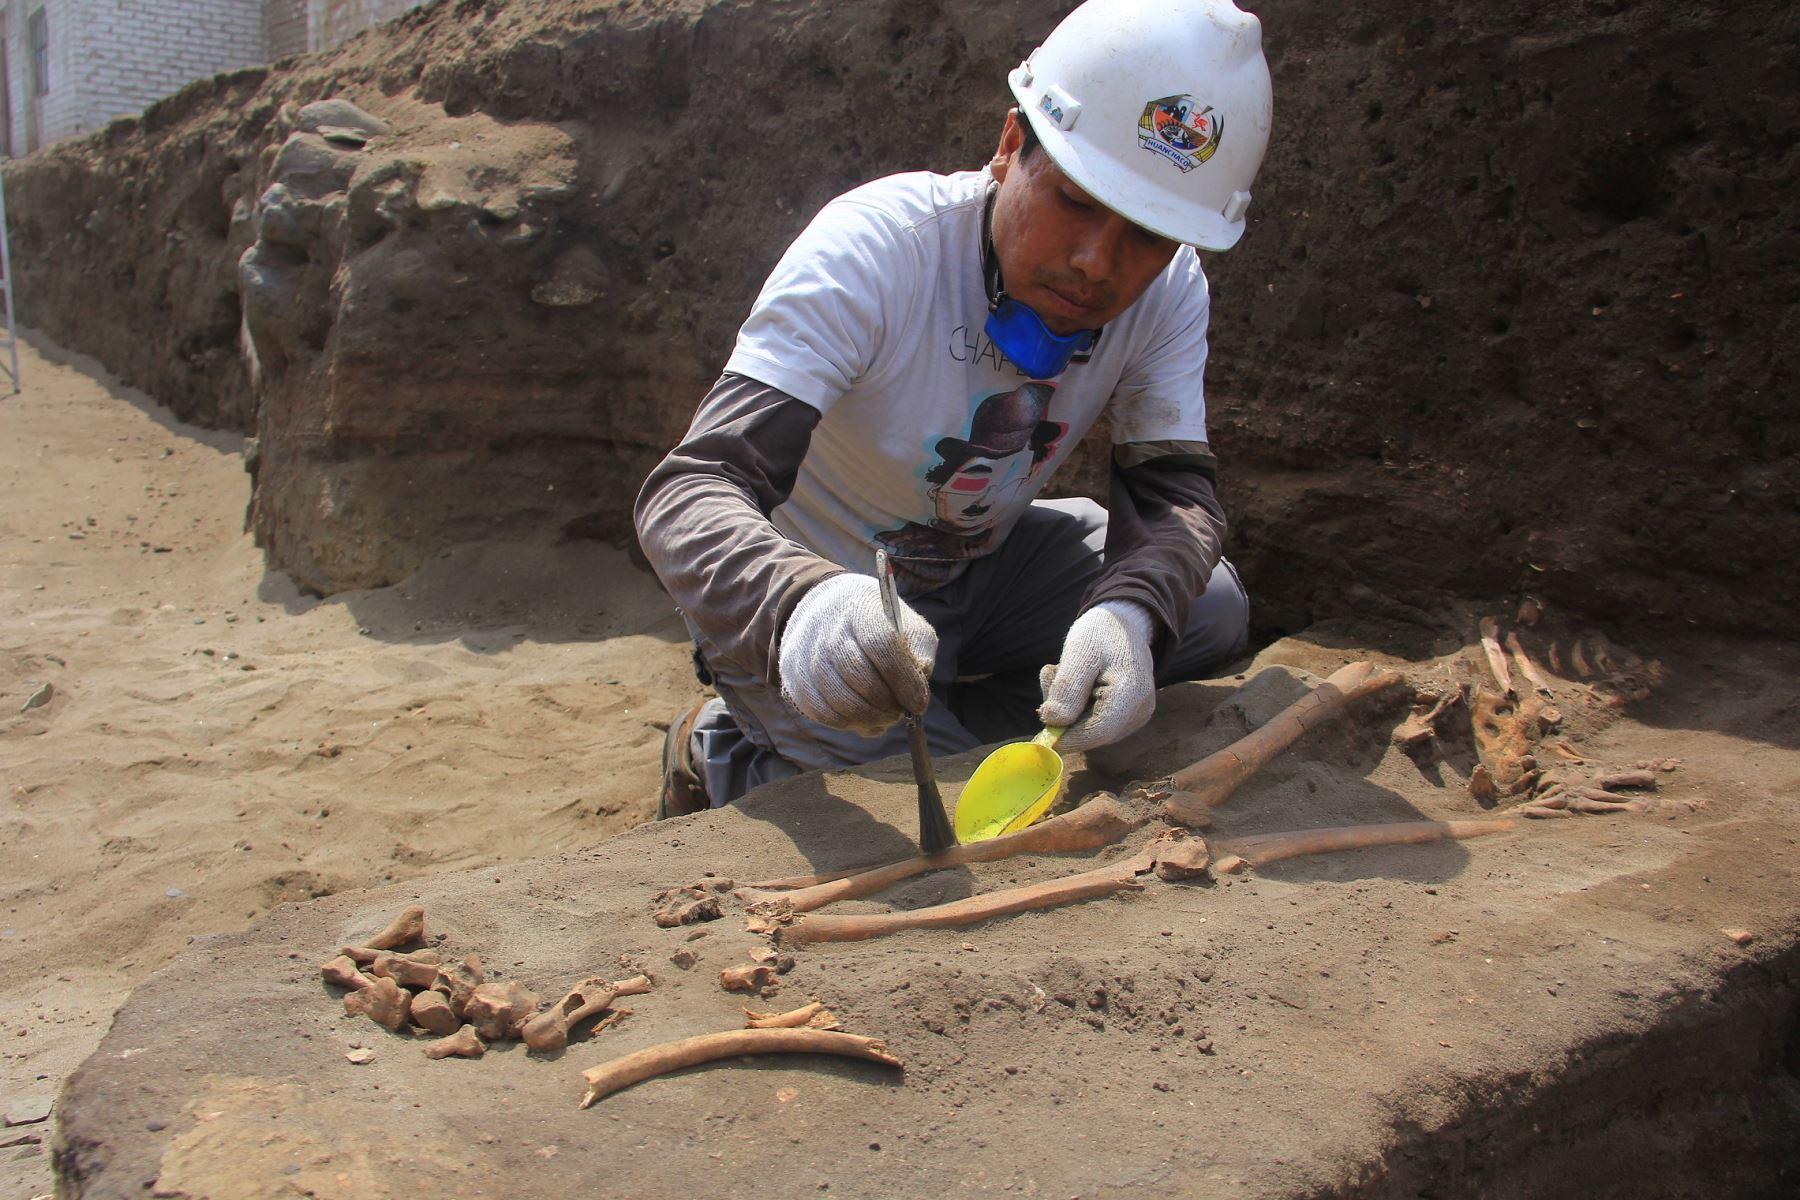 Hallan 47 entierros de más de 2,500 años, cerámicos, spondylus y otros objetos en Huanchaco, Trujillo. ANDINA/Luis Puell